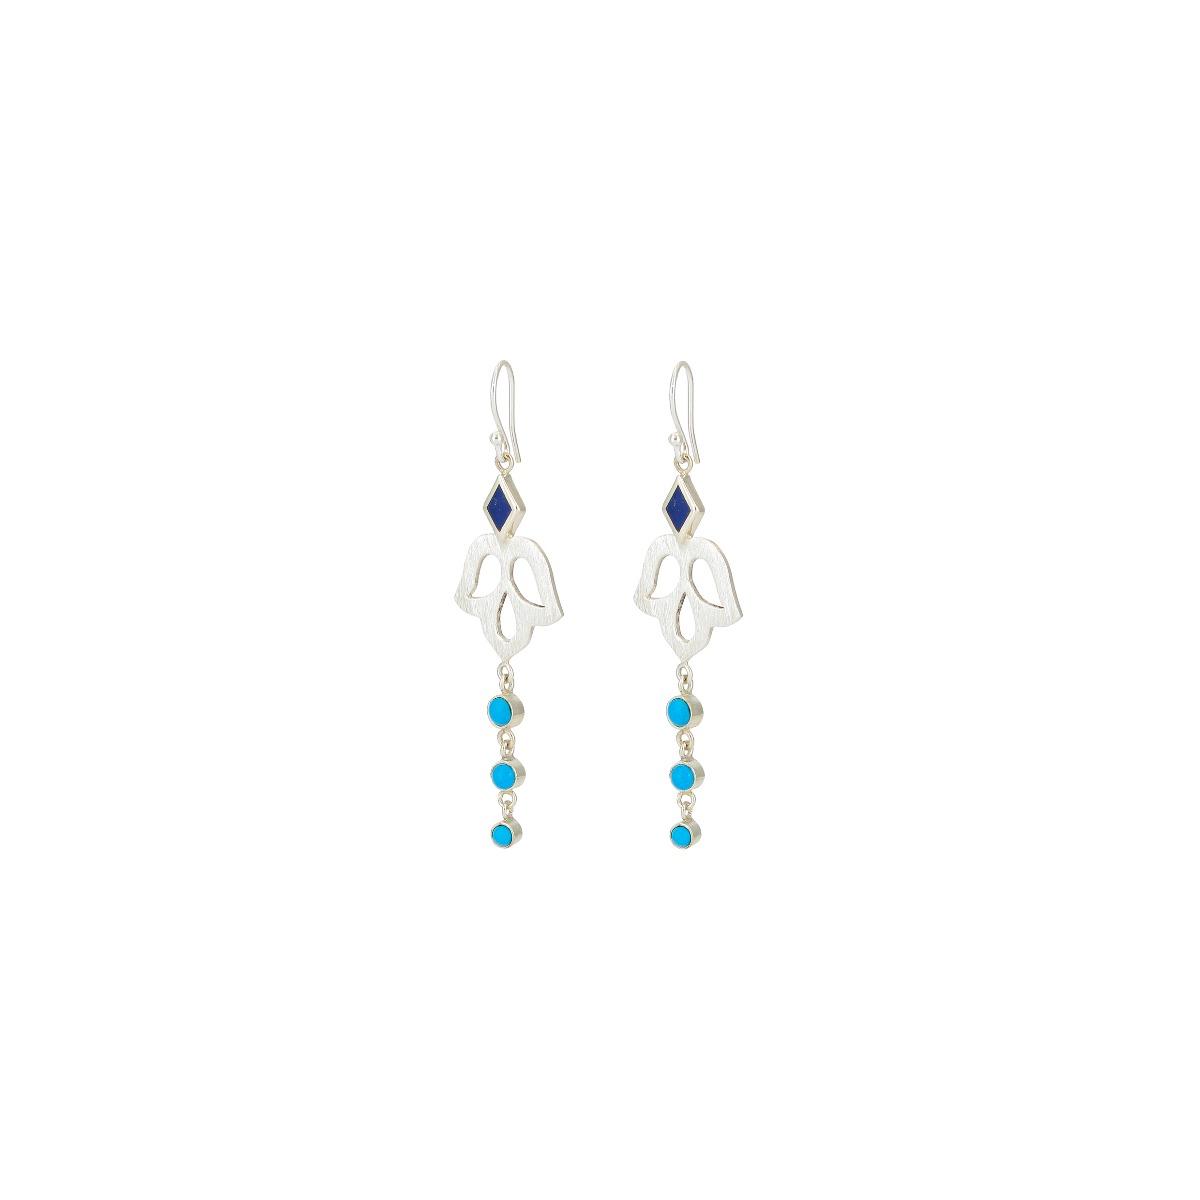 Alina blossom drop earrings